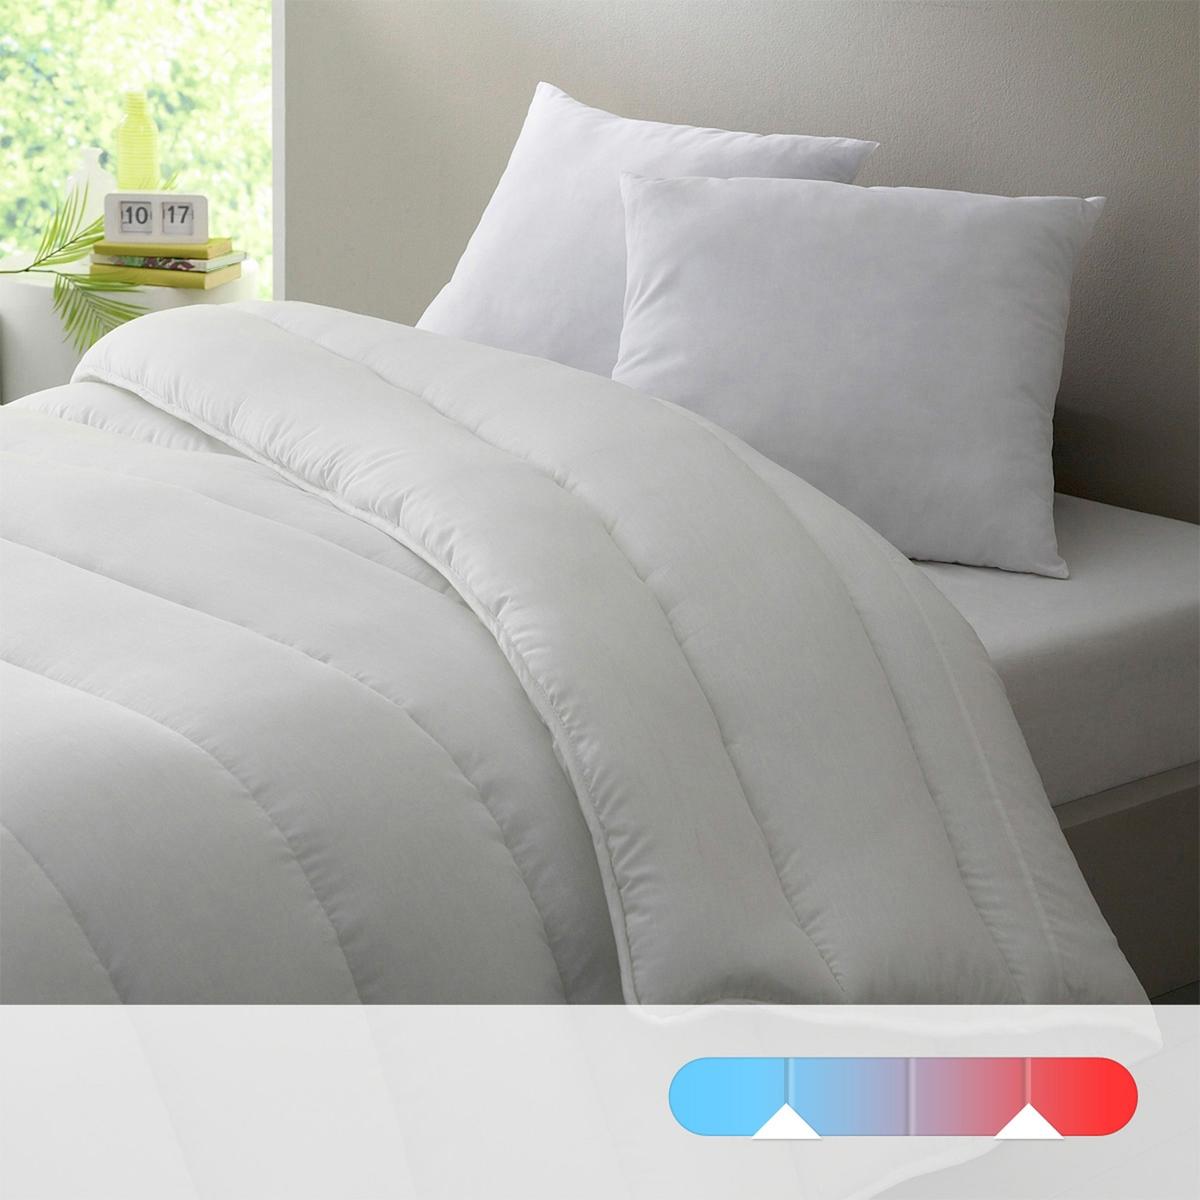 Одеяло двойное 4 сезона, 175 г/м2 и 300 г/м2, 100% полиэстер с обработкой SANITIZED